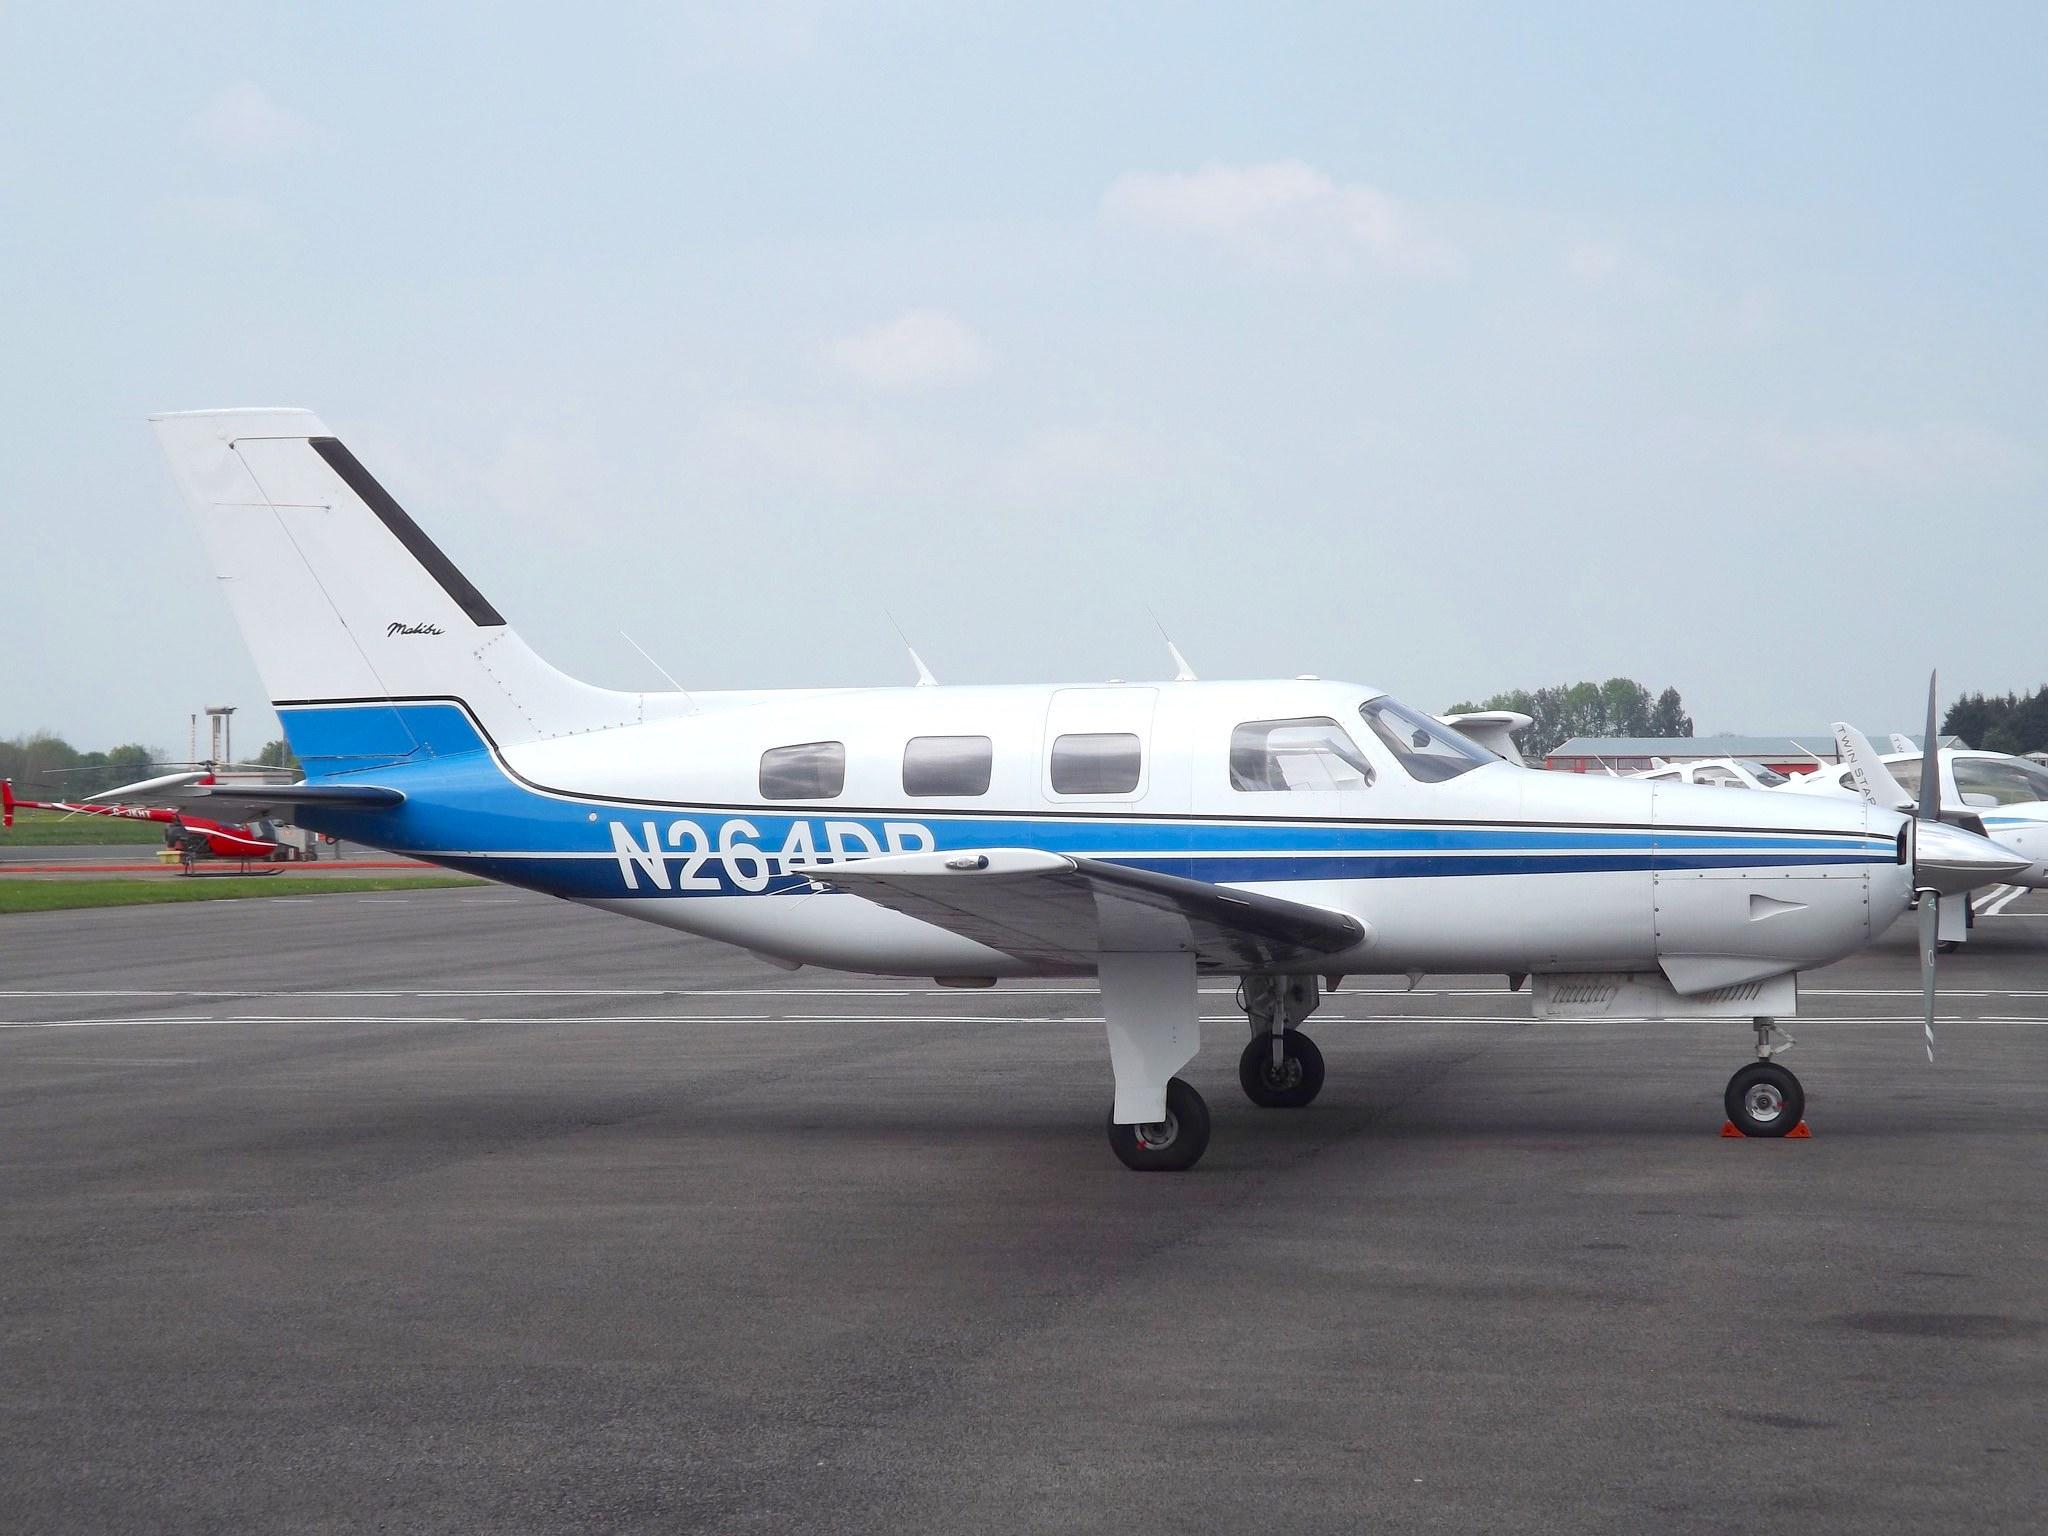 Piper Malibu 46 - N264DB